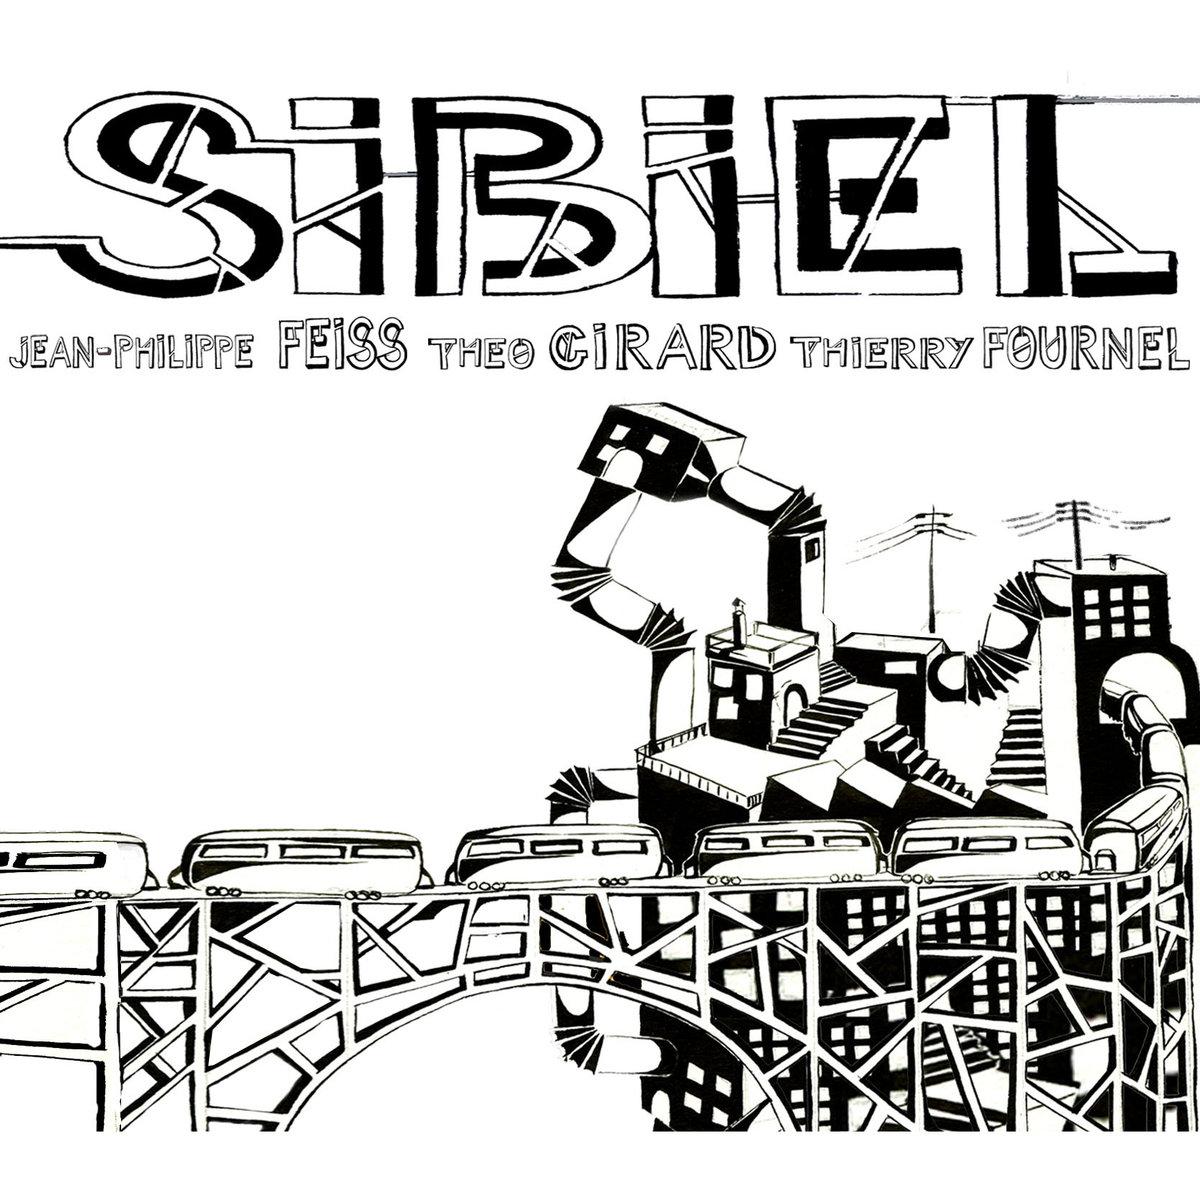 Sibiel.